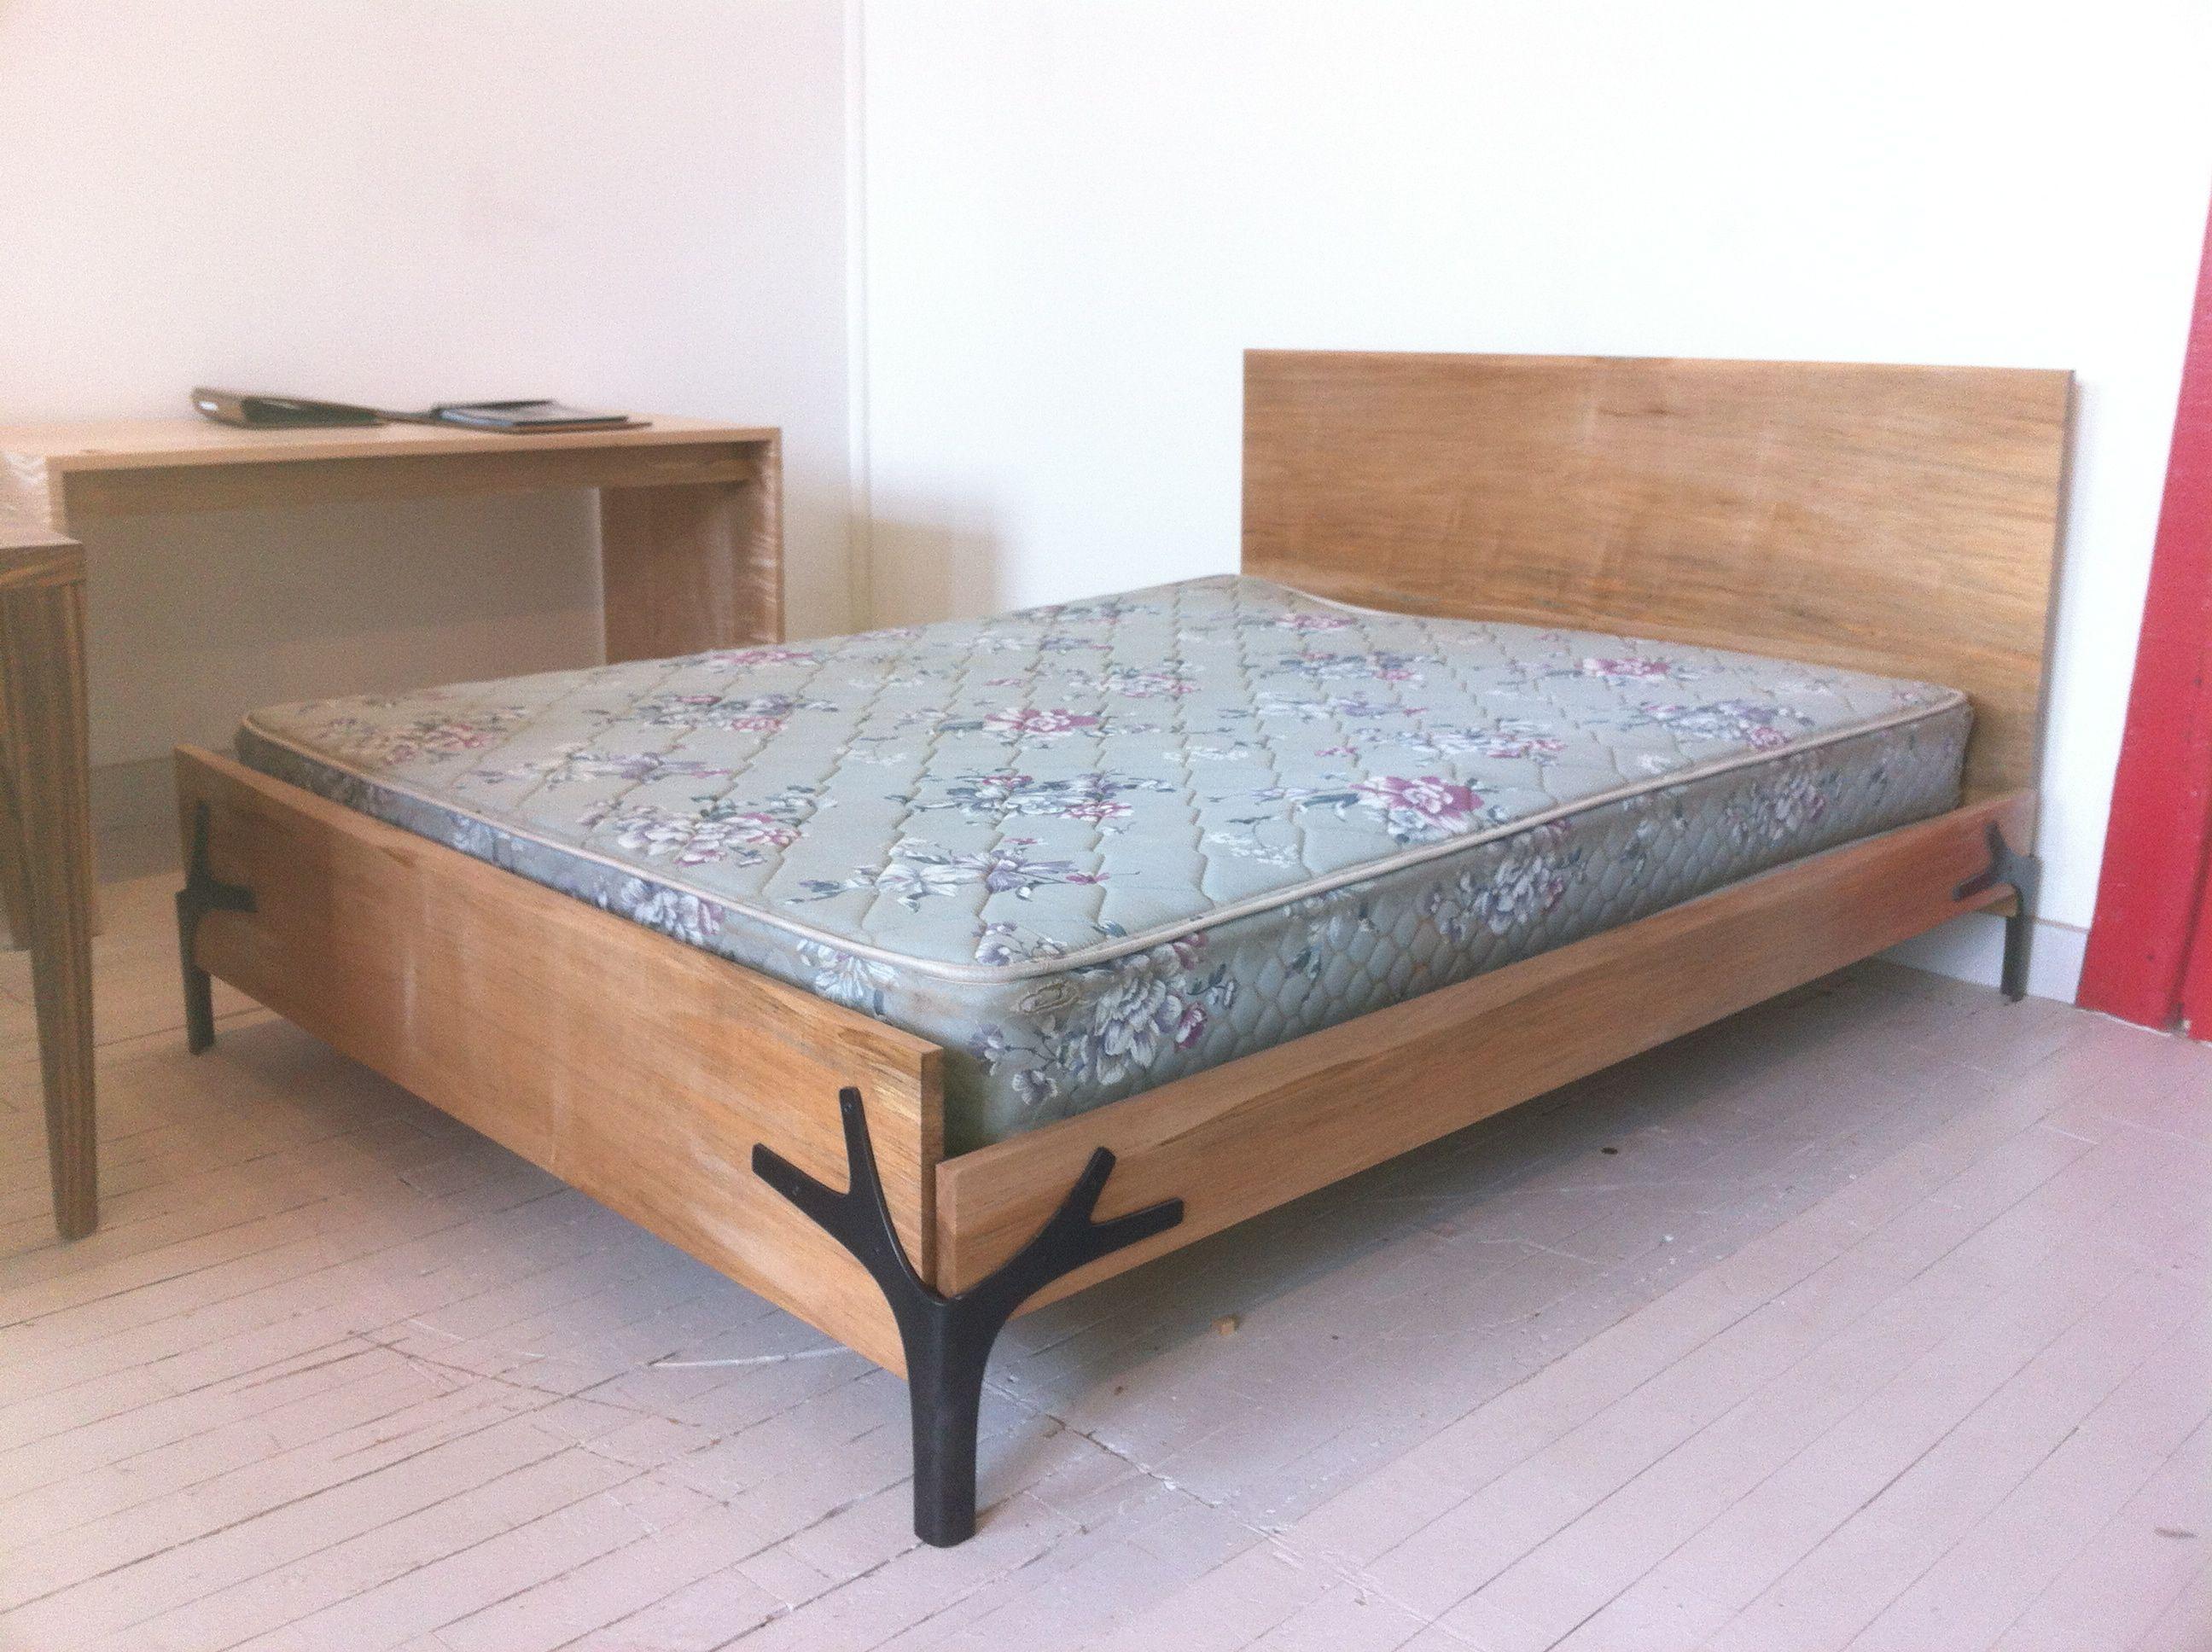 Delightful A Queen Size Bedframe In Maple With Weird Corner Brace Legs In Blackened  Steel.